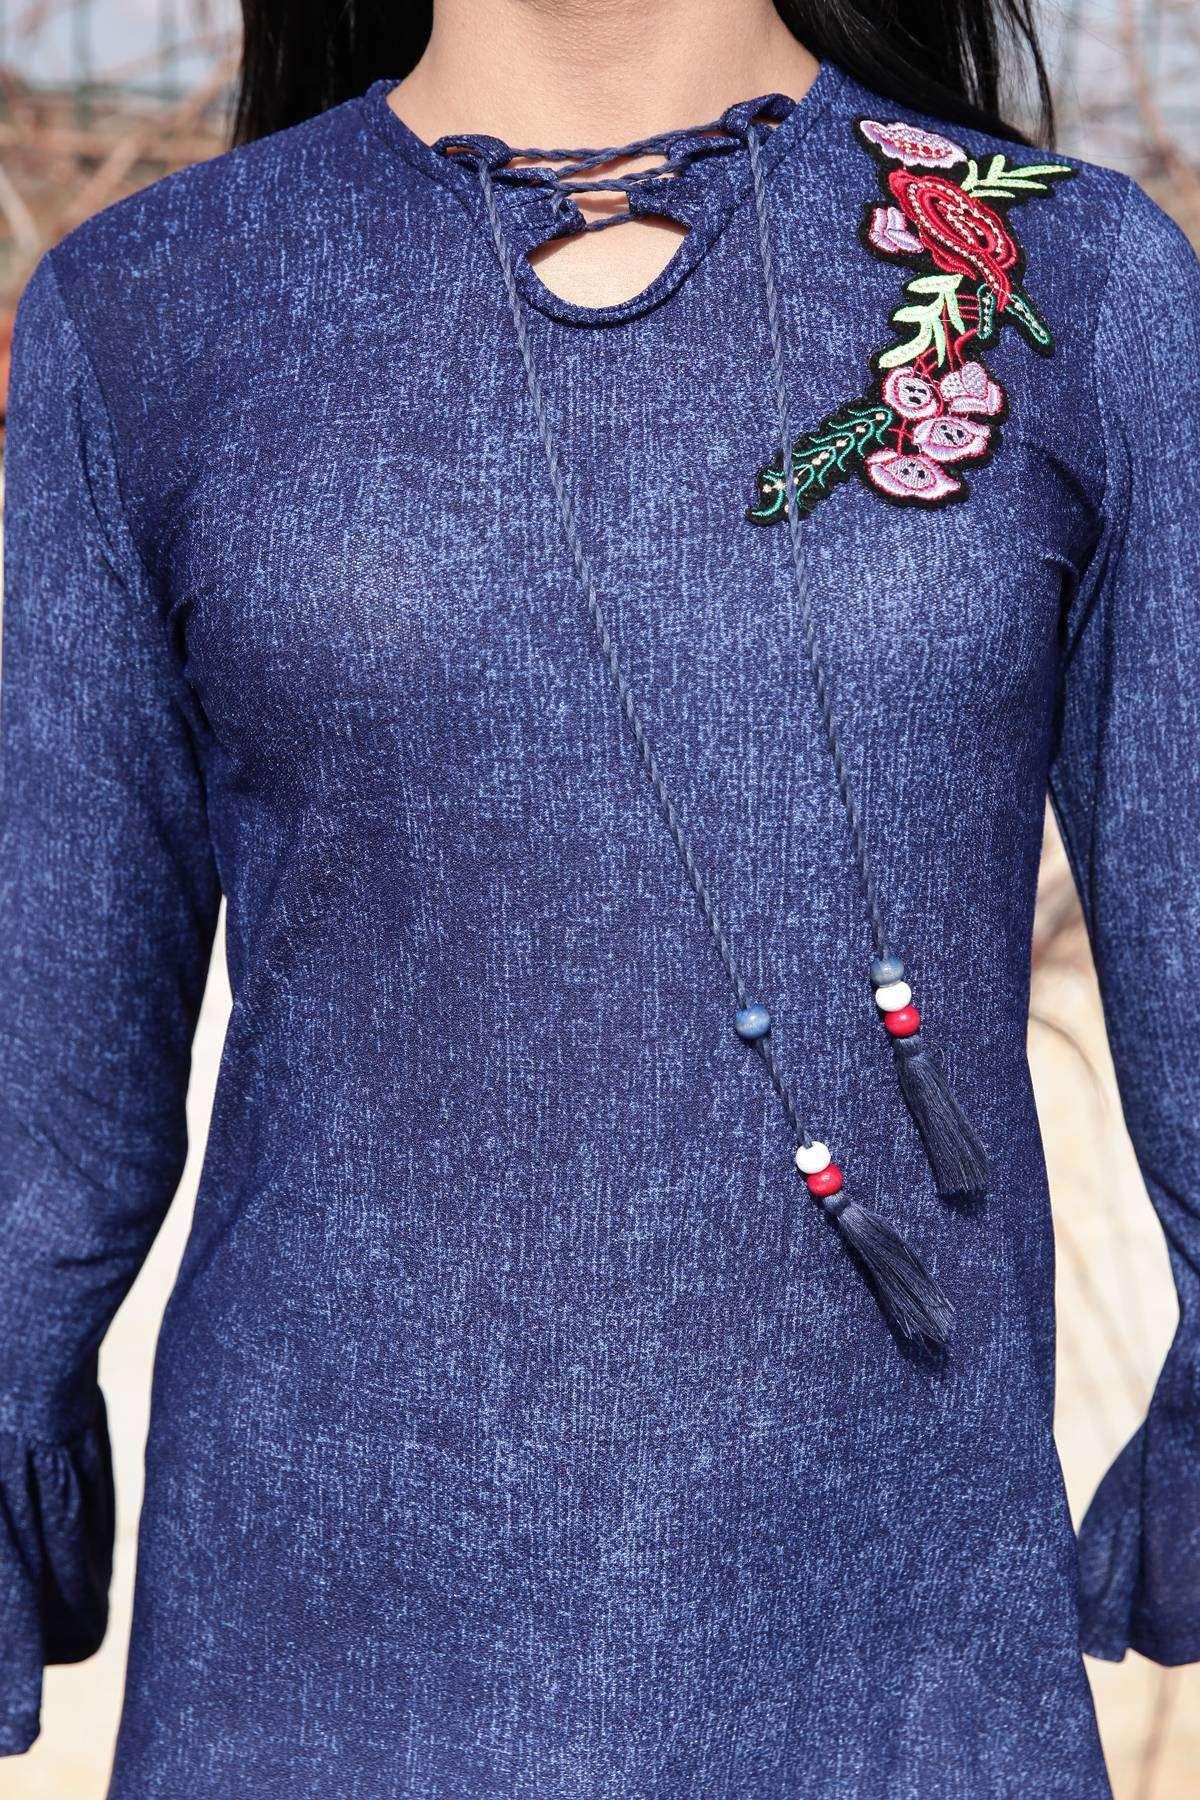 Yaka Çiçek Desen Nakış Detaylı İspanyol Kol Tunik Lacivert